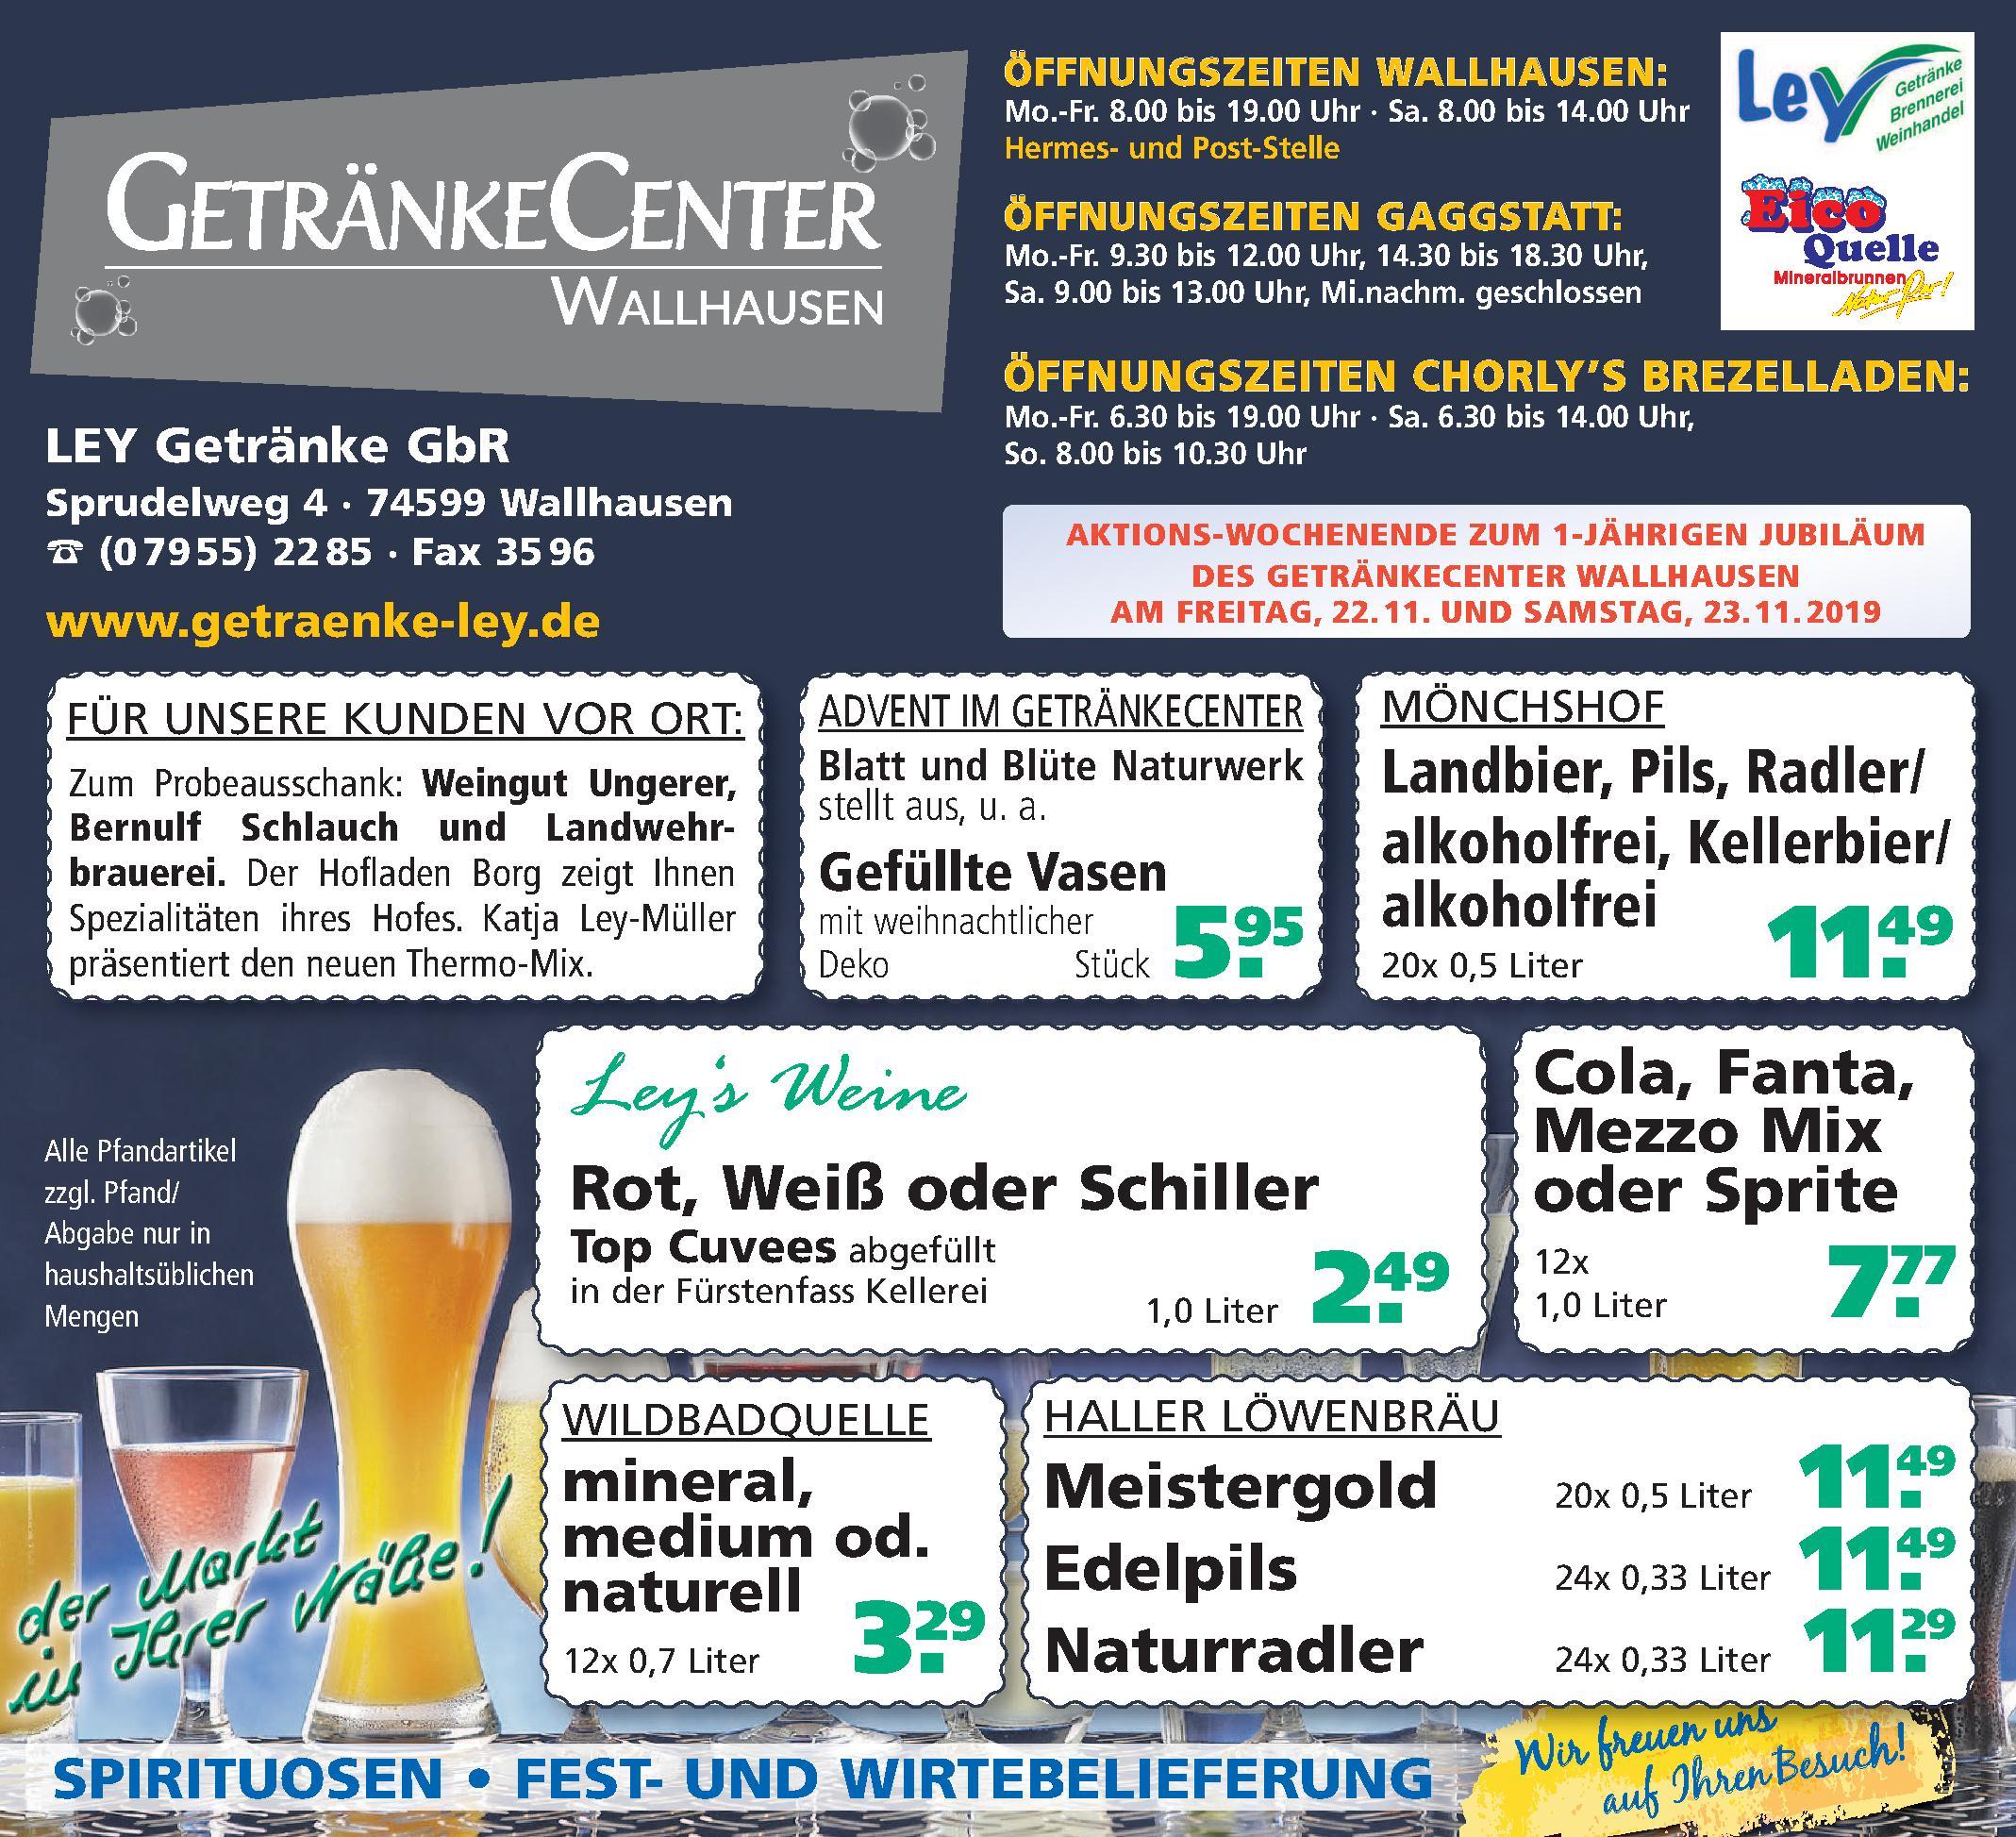 Ley Getränke GBR